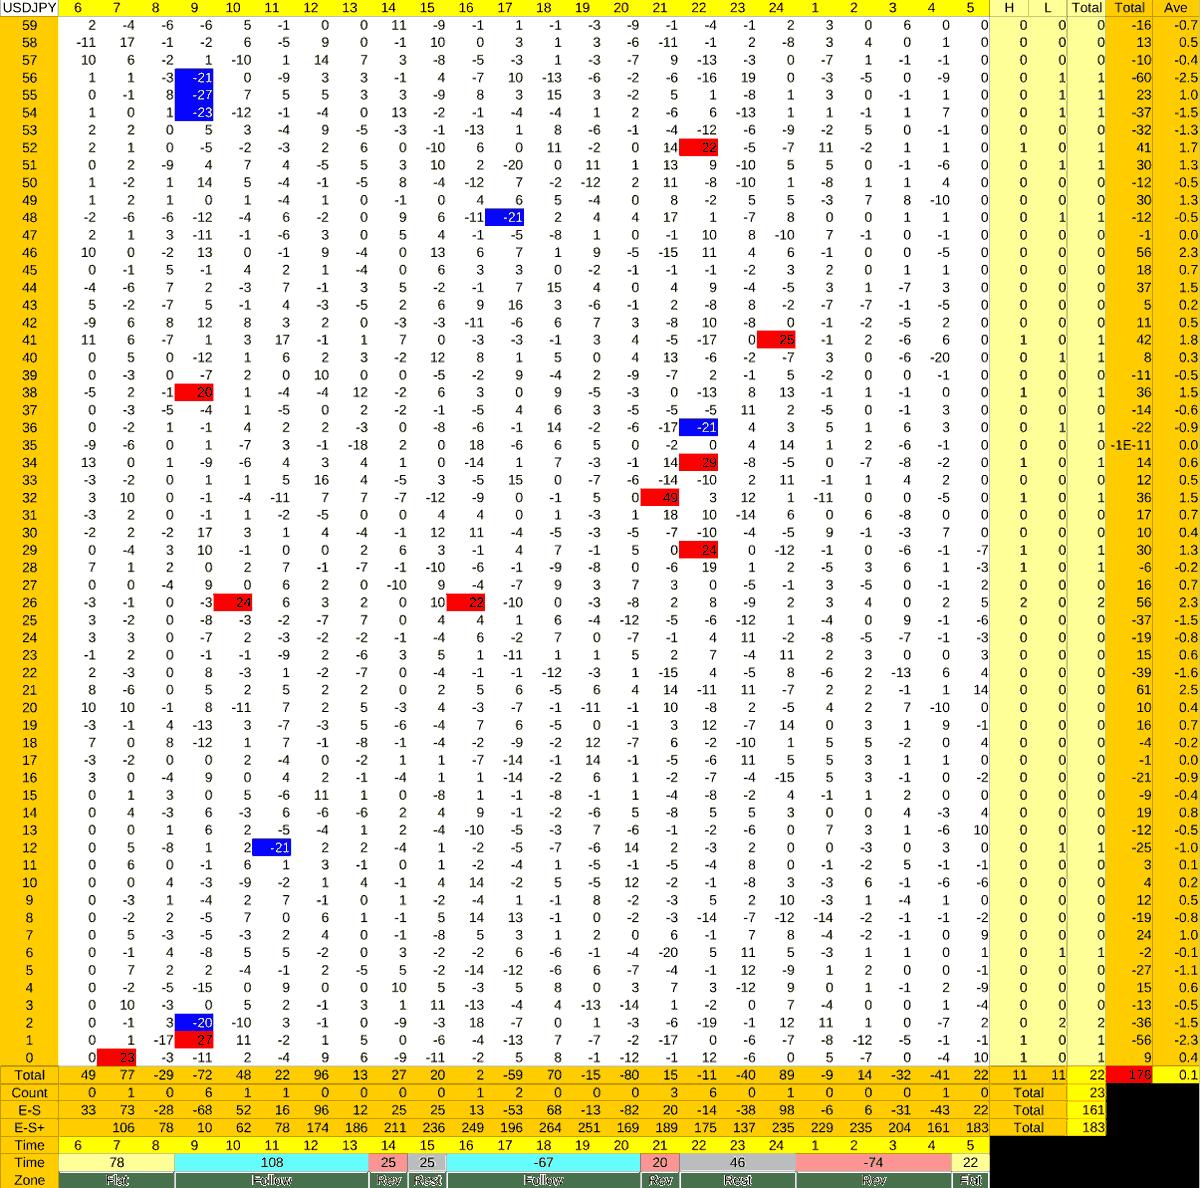 20210910_HS(1)USDJPY-min